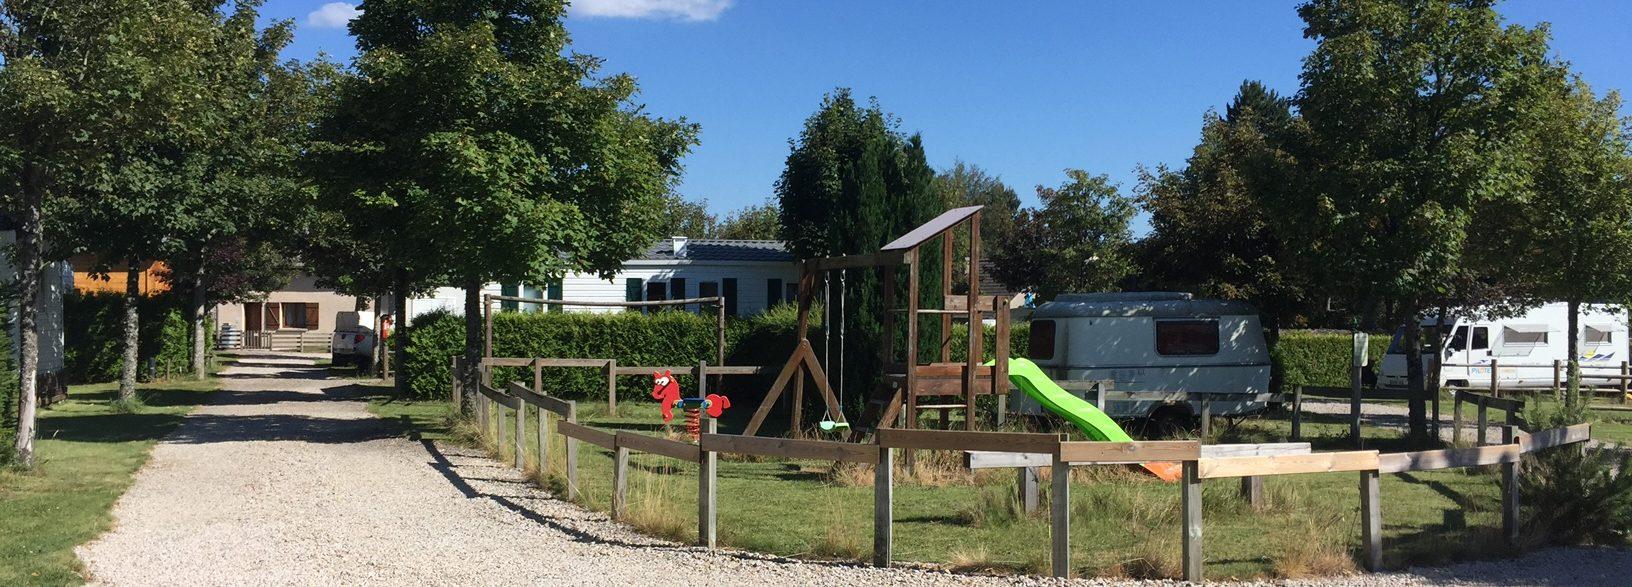 vue aire de jeux +camping